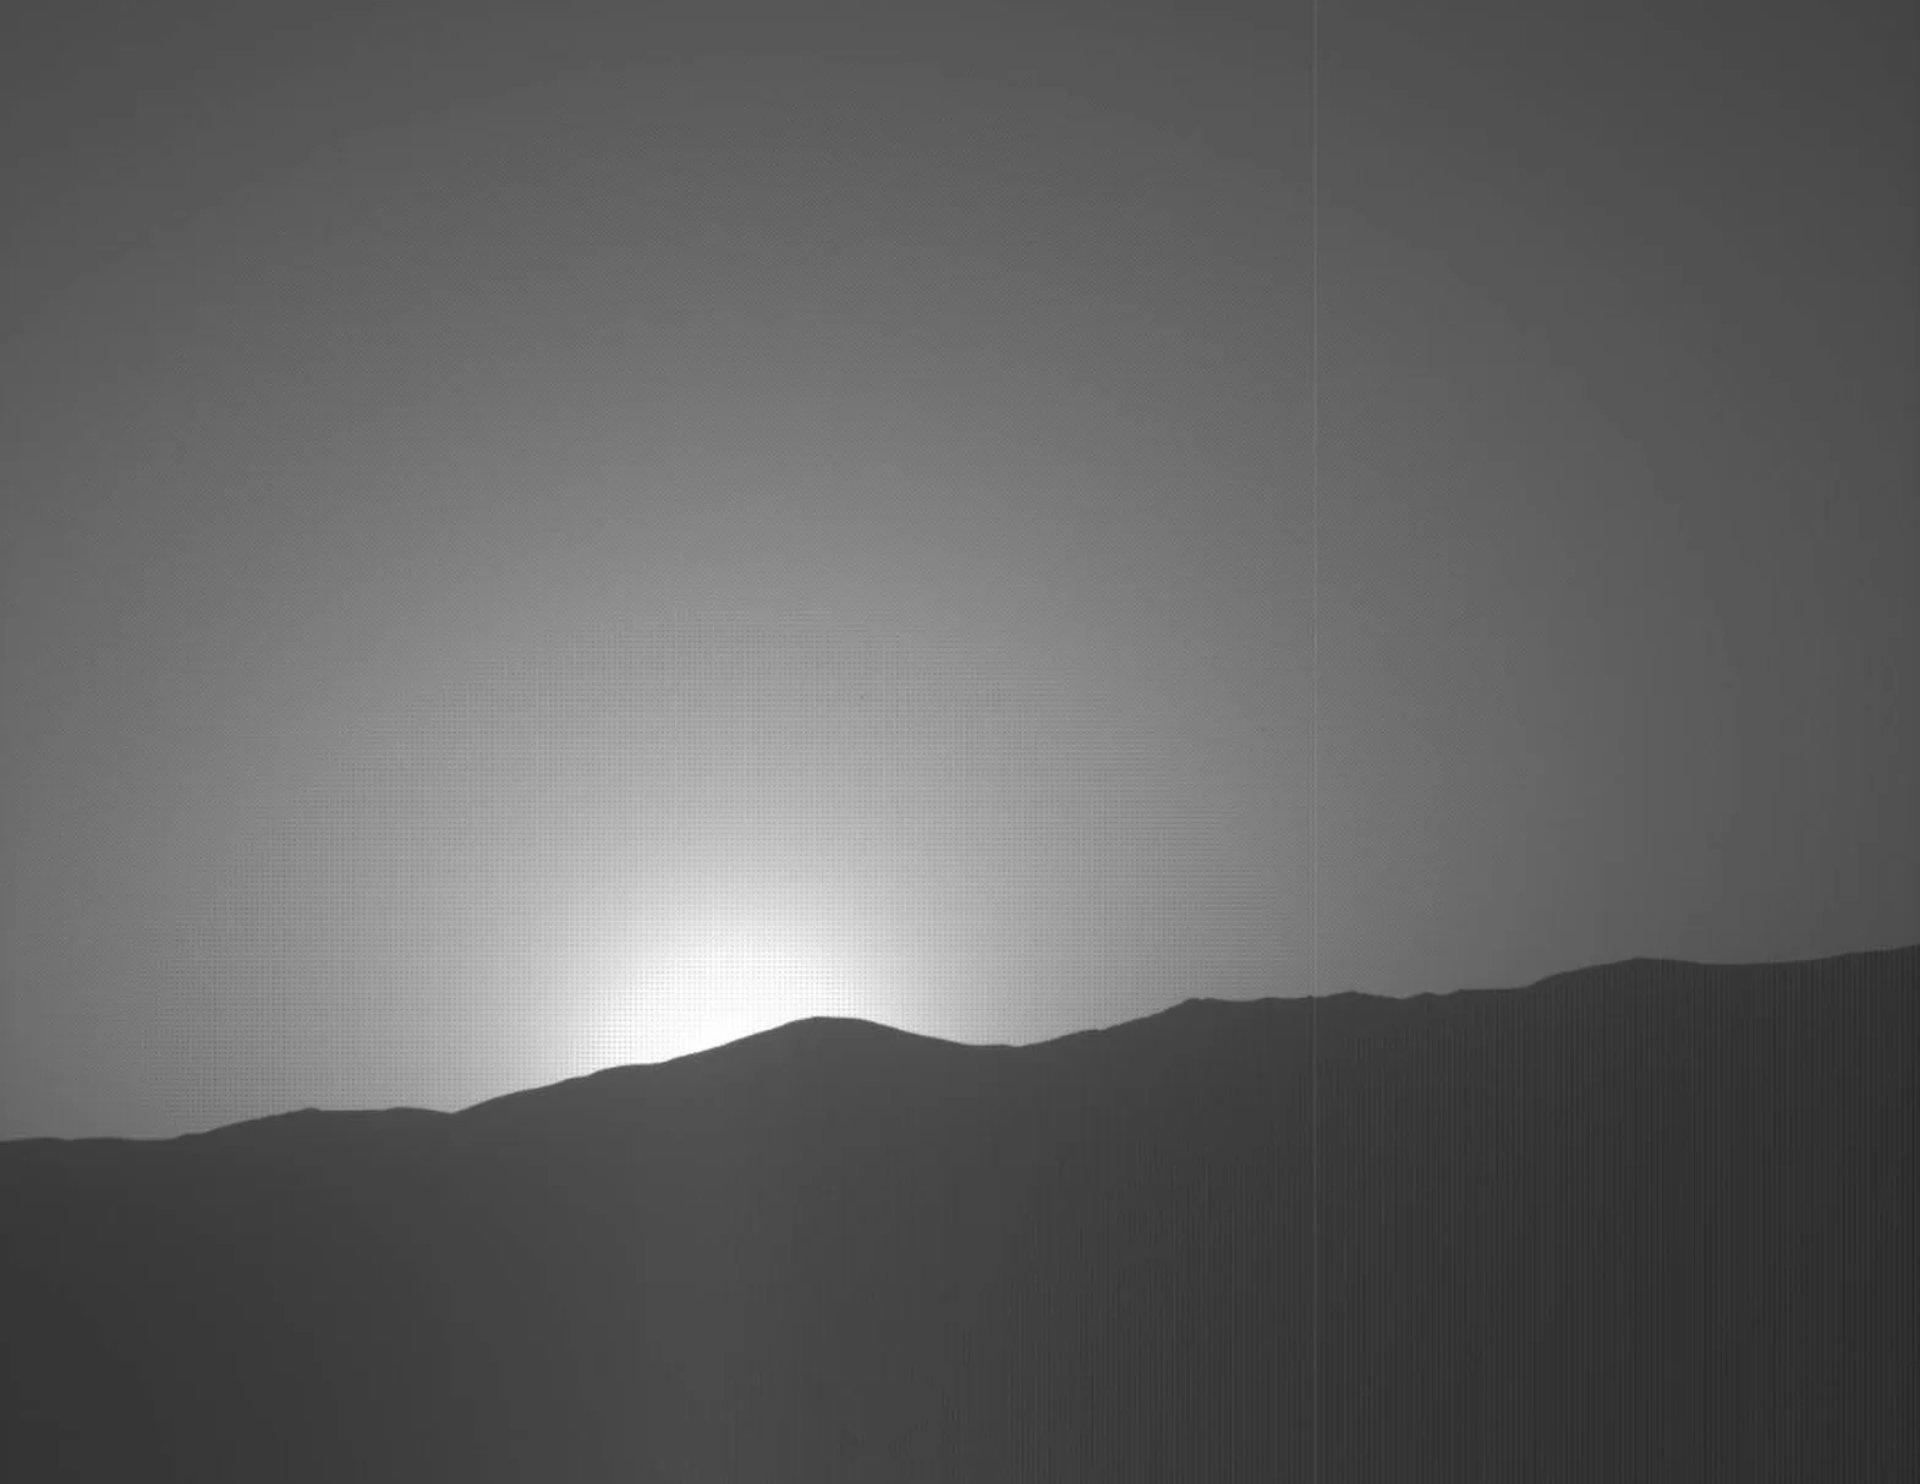 Nueva puesta de Sol de Marte, cortesía de la sonda Curiosity